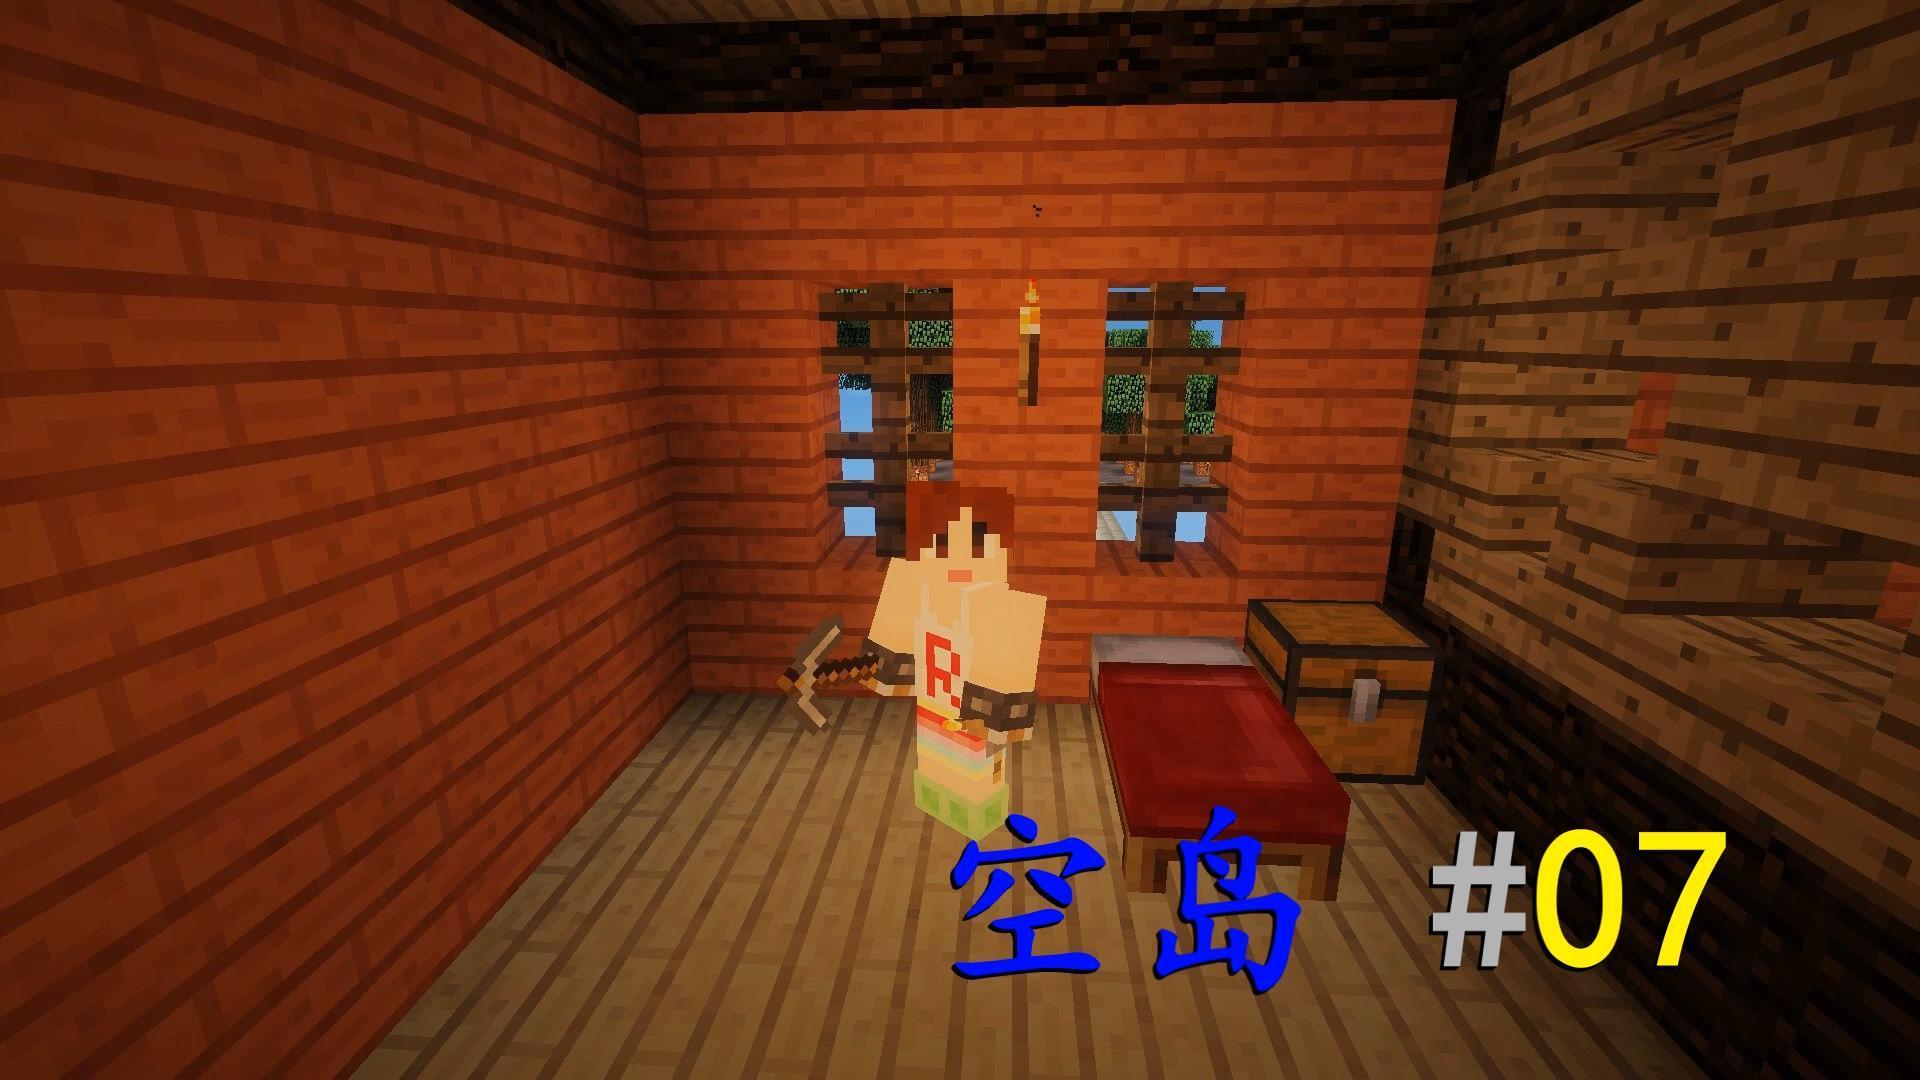 明月庄主我的世界1.10师徒空岛生存ep7老庄卧室minecraft